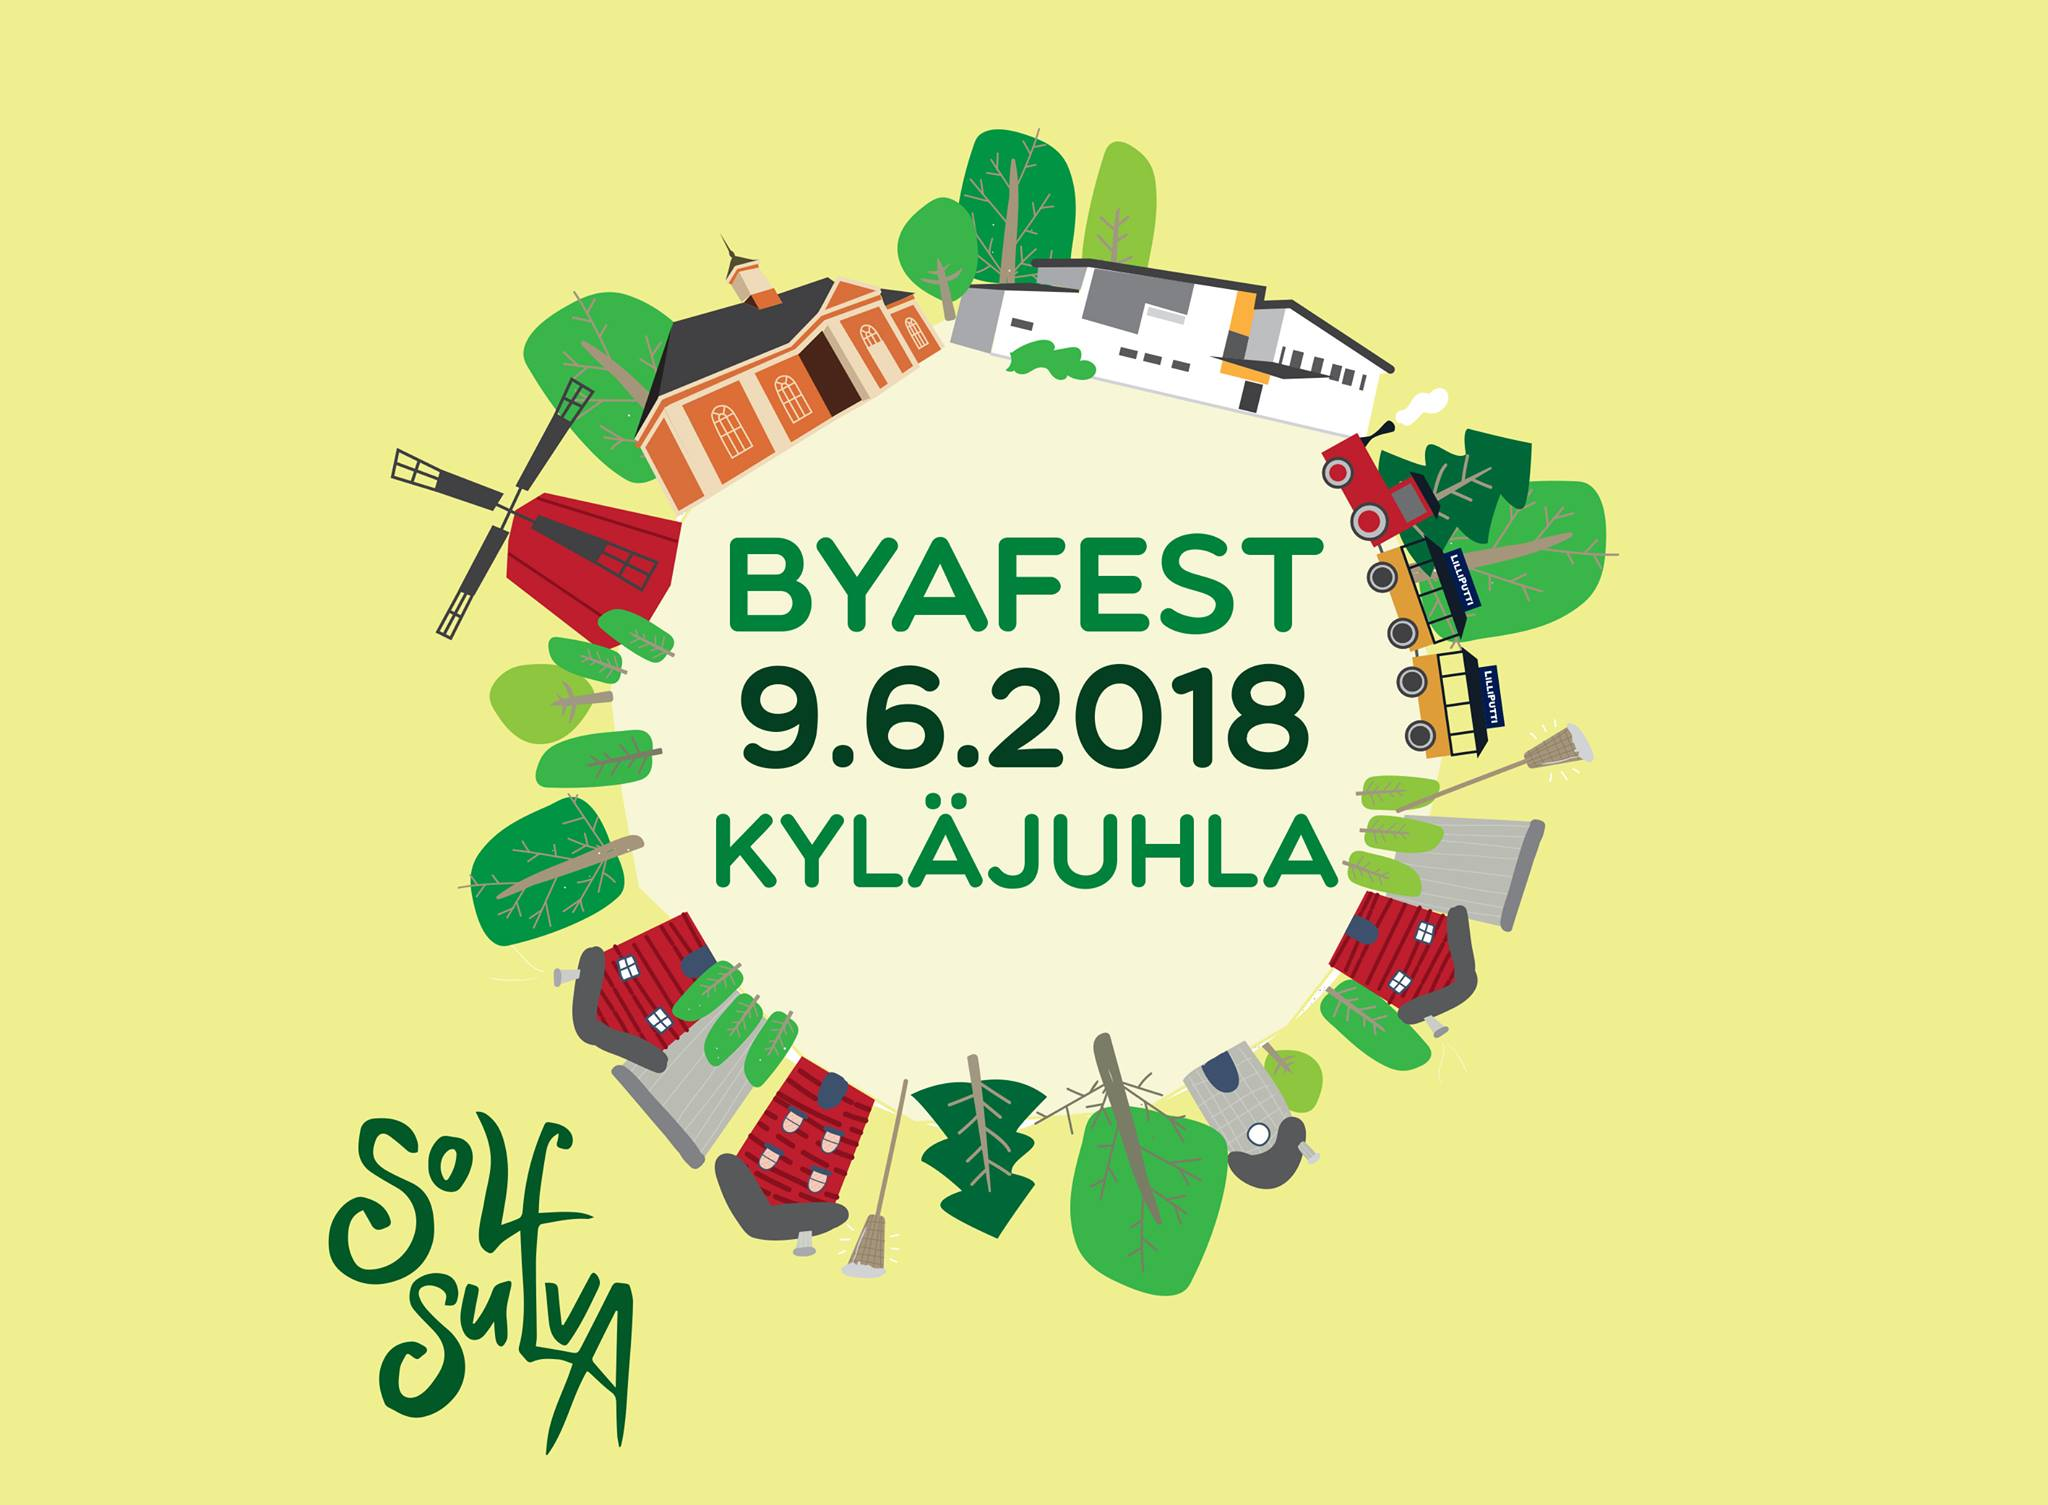 Byafest 9.6.2018 Kyläjuhlat